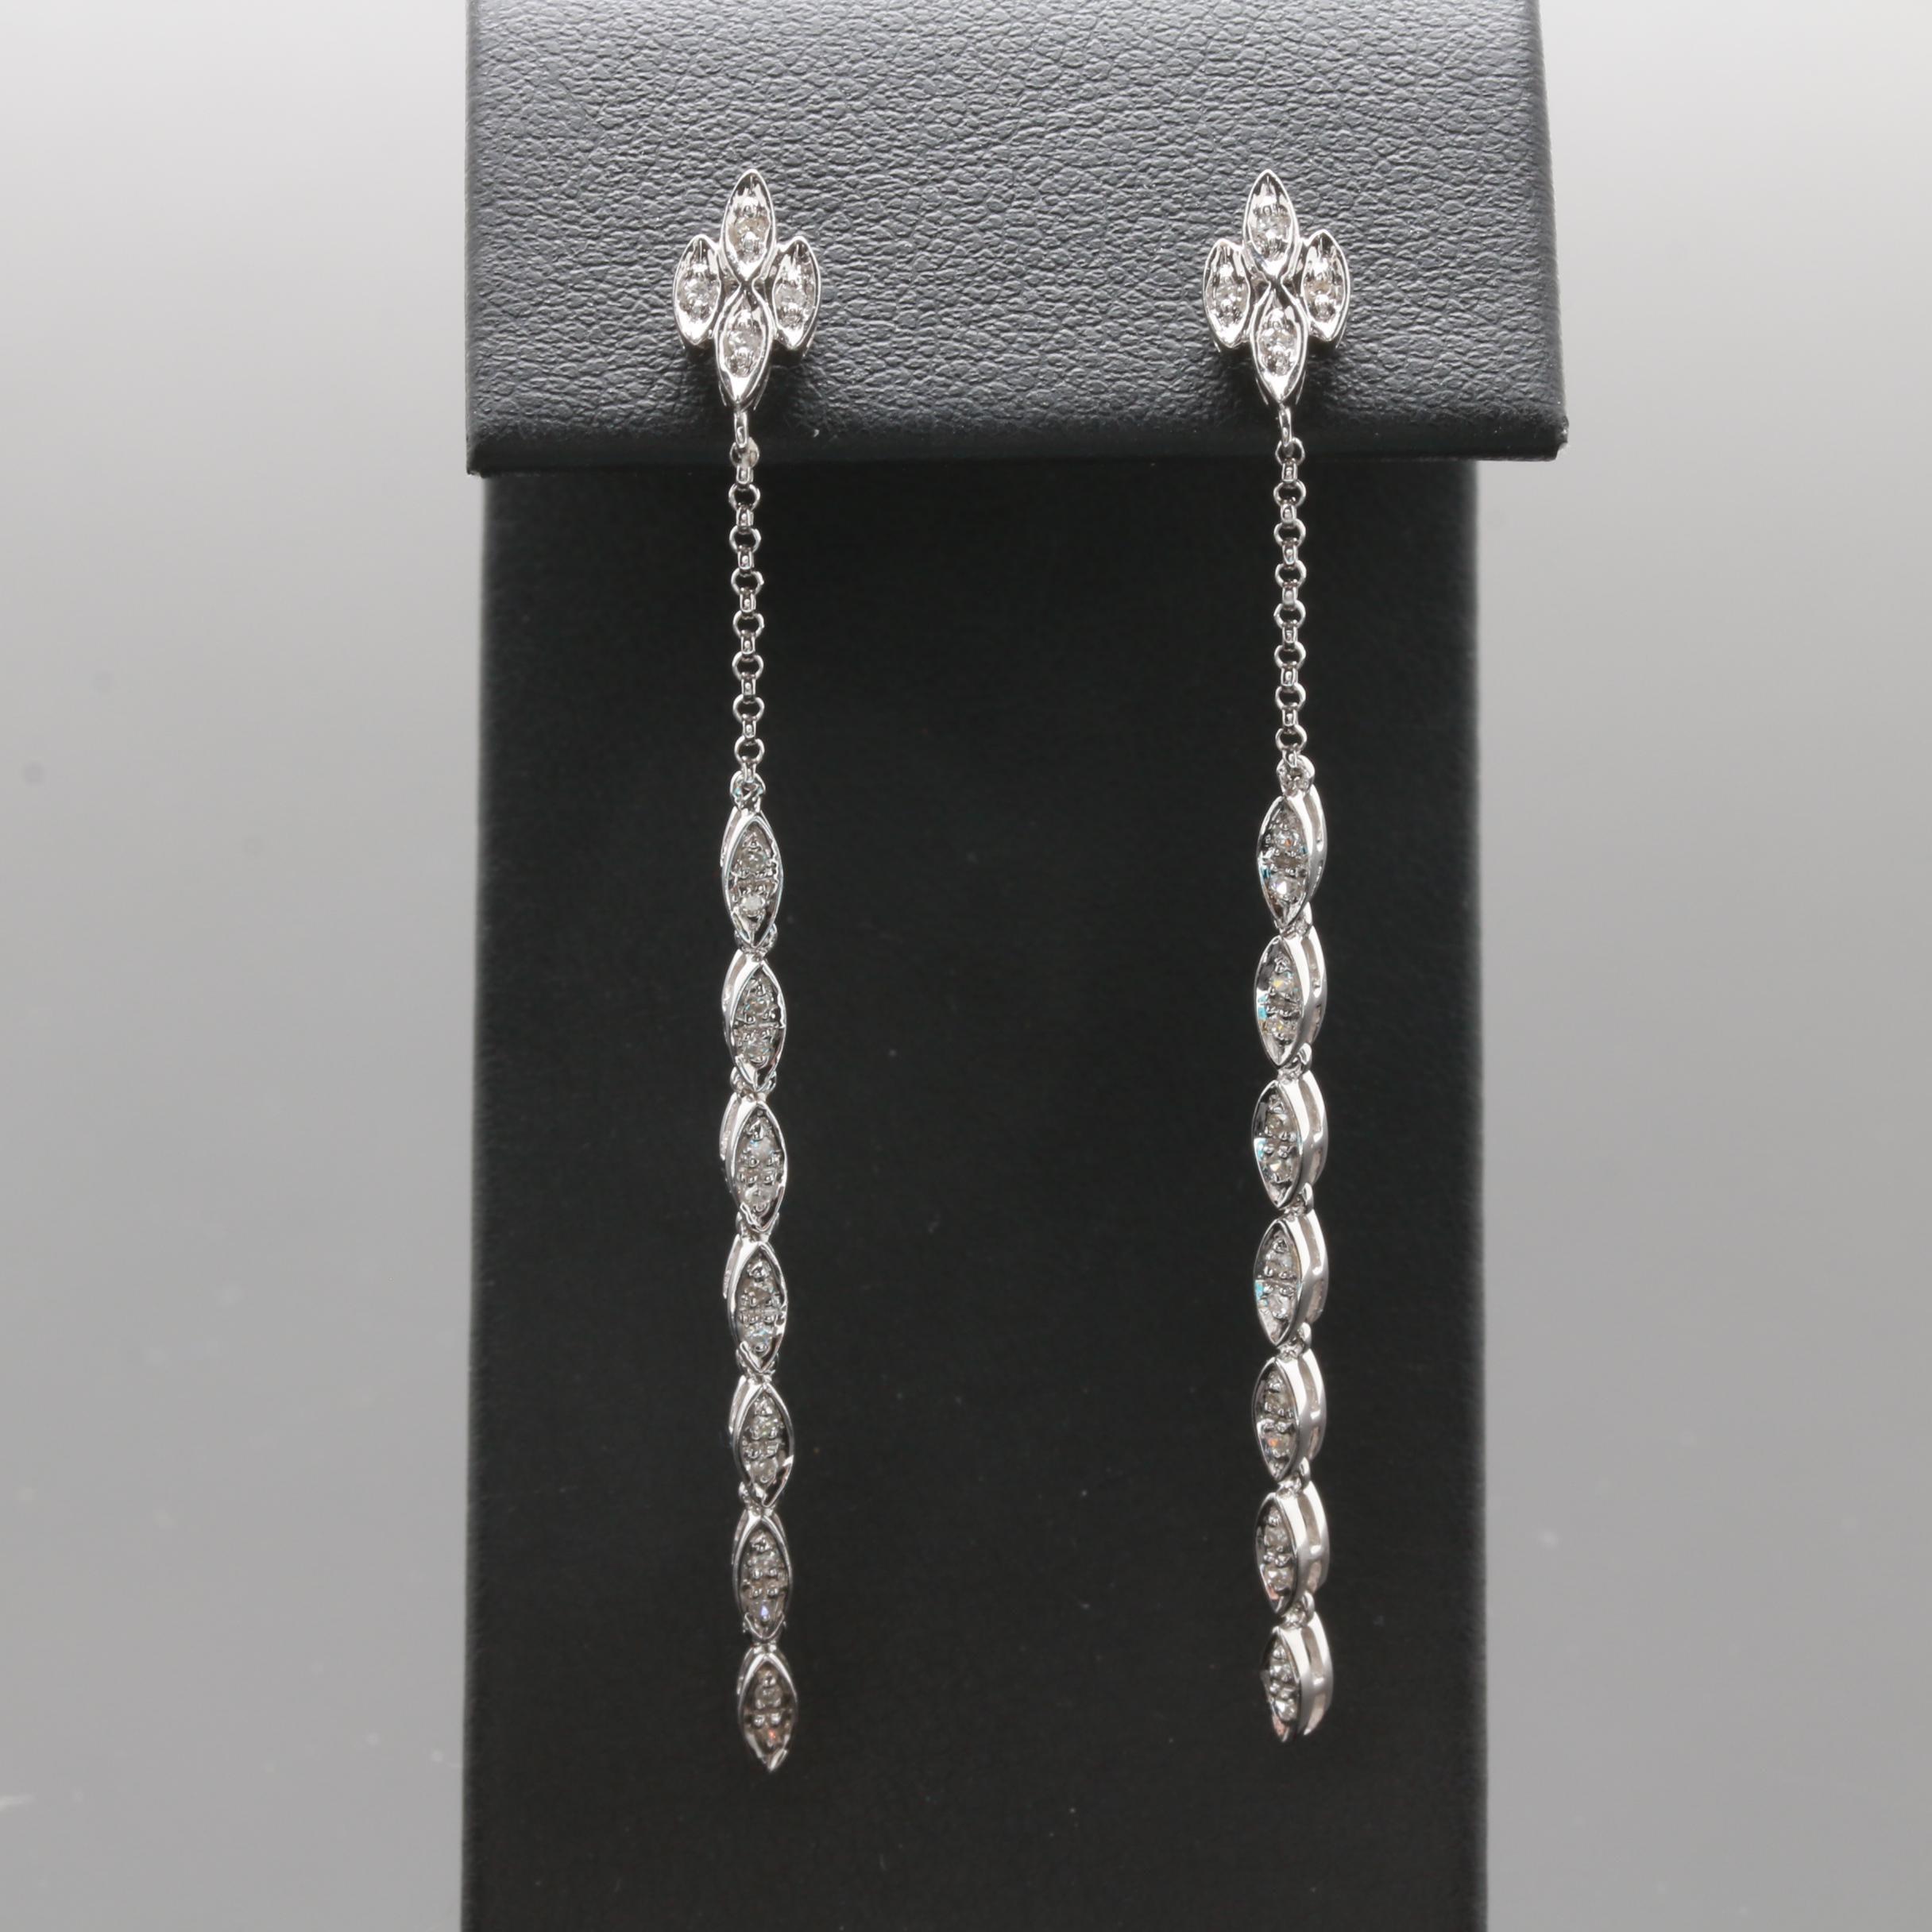 14K White Gold Diamond Dangle Earring